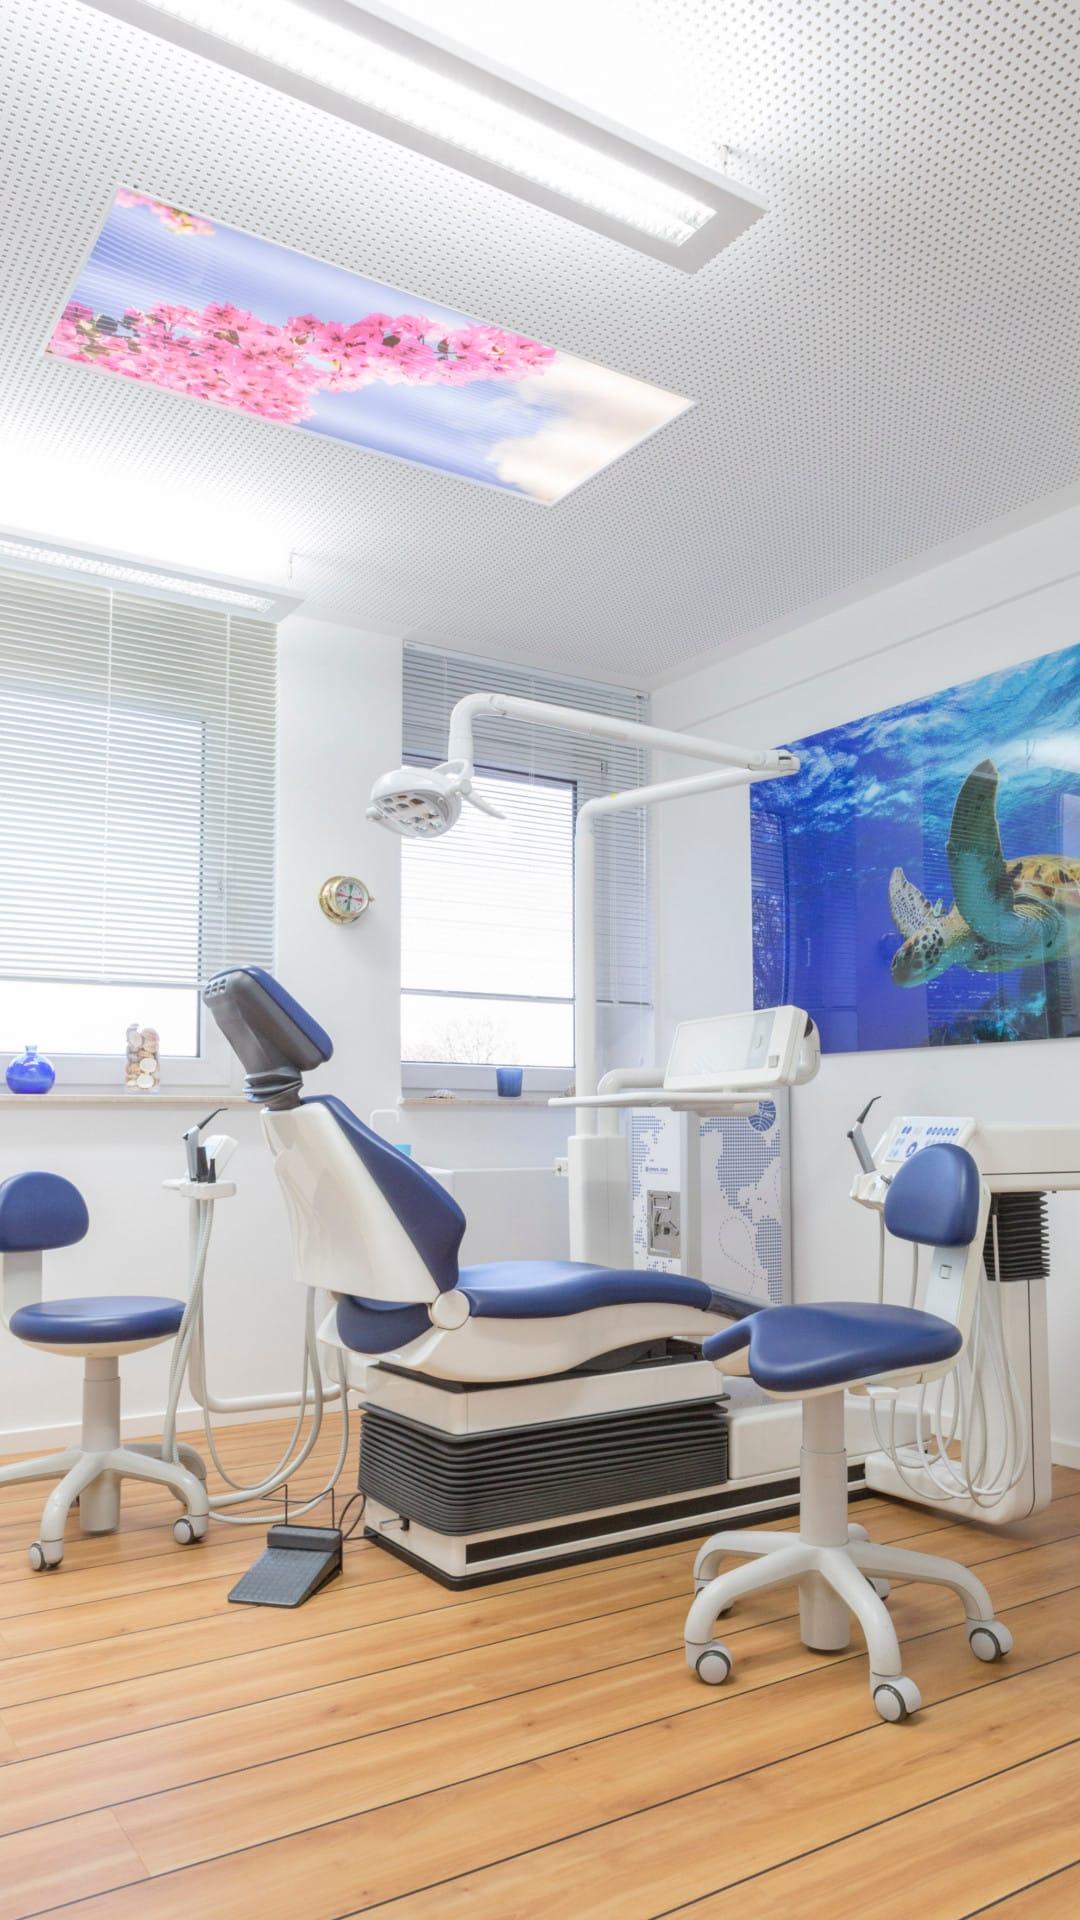 M62, Zahnarztpraxis – Propyhlaxe Bereich